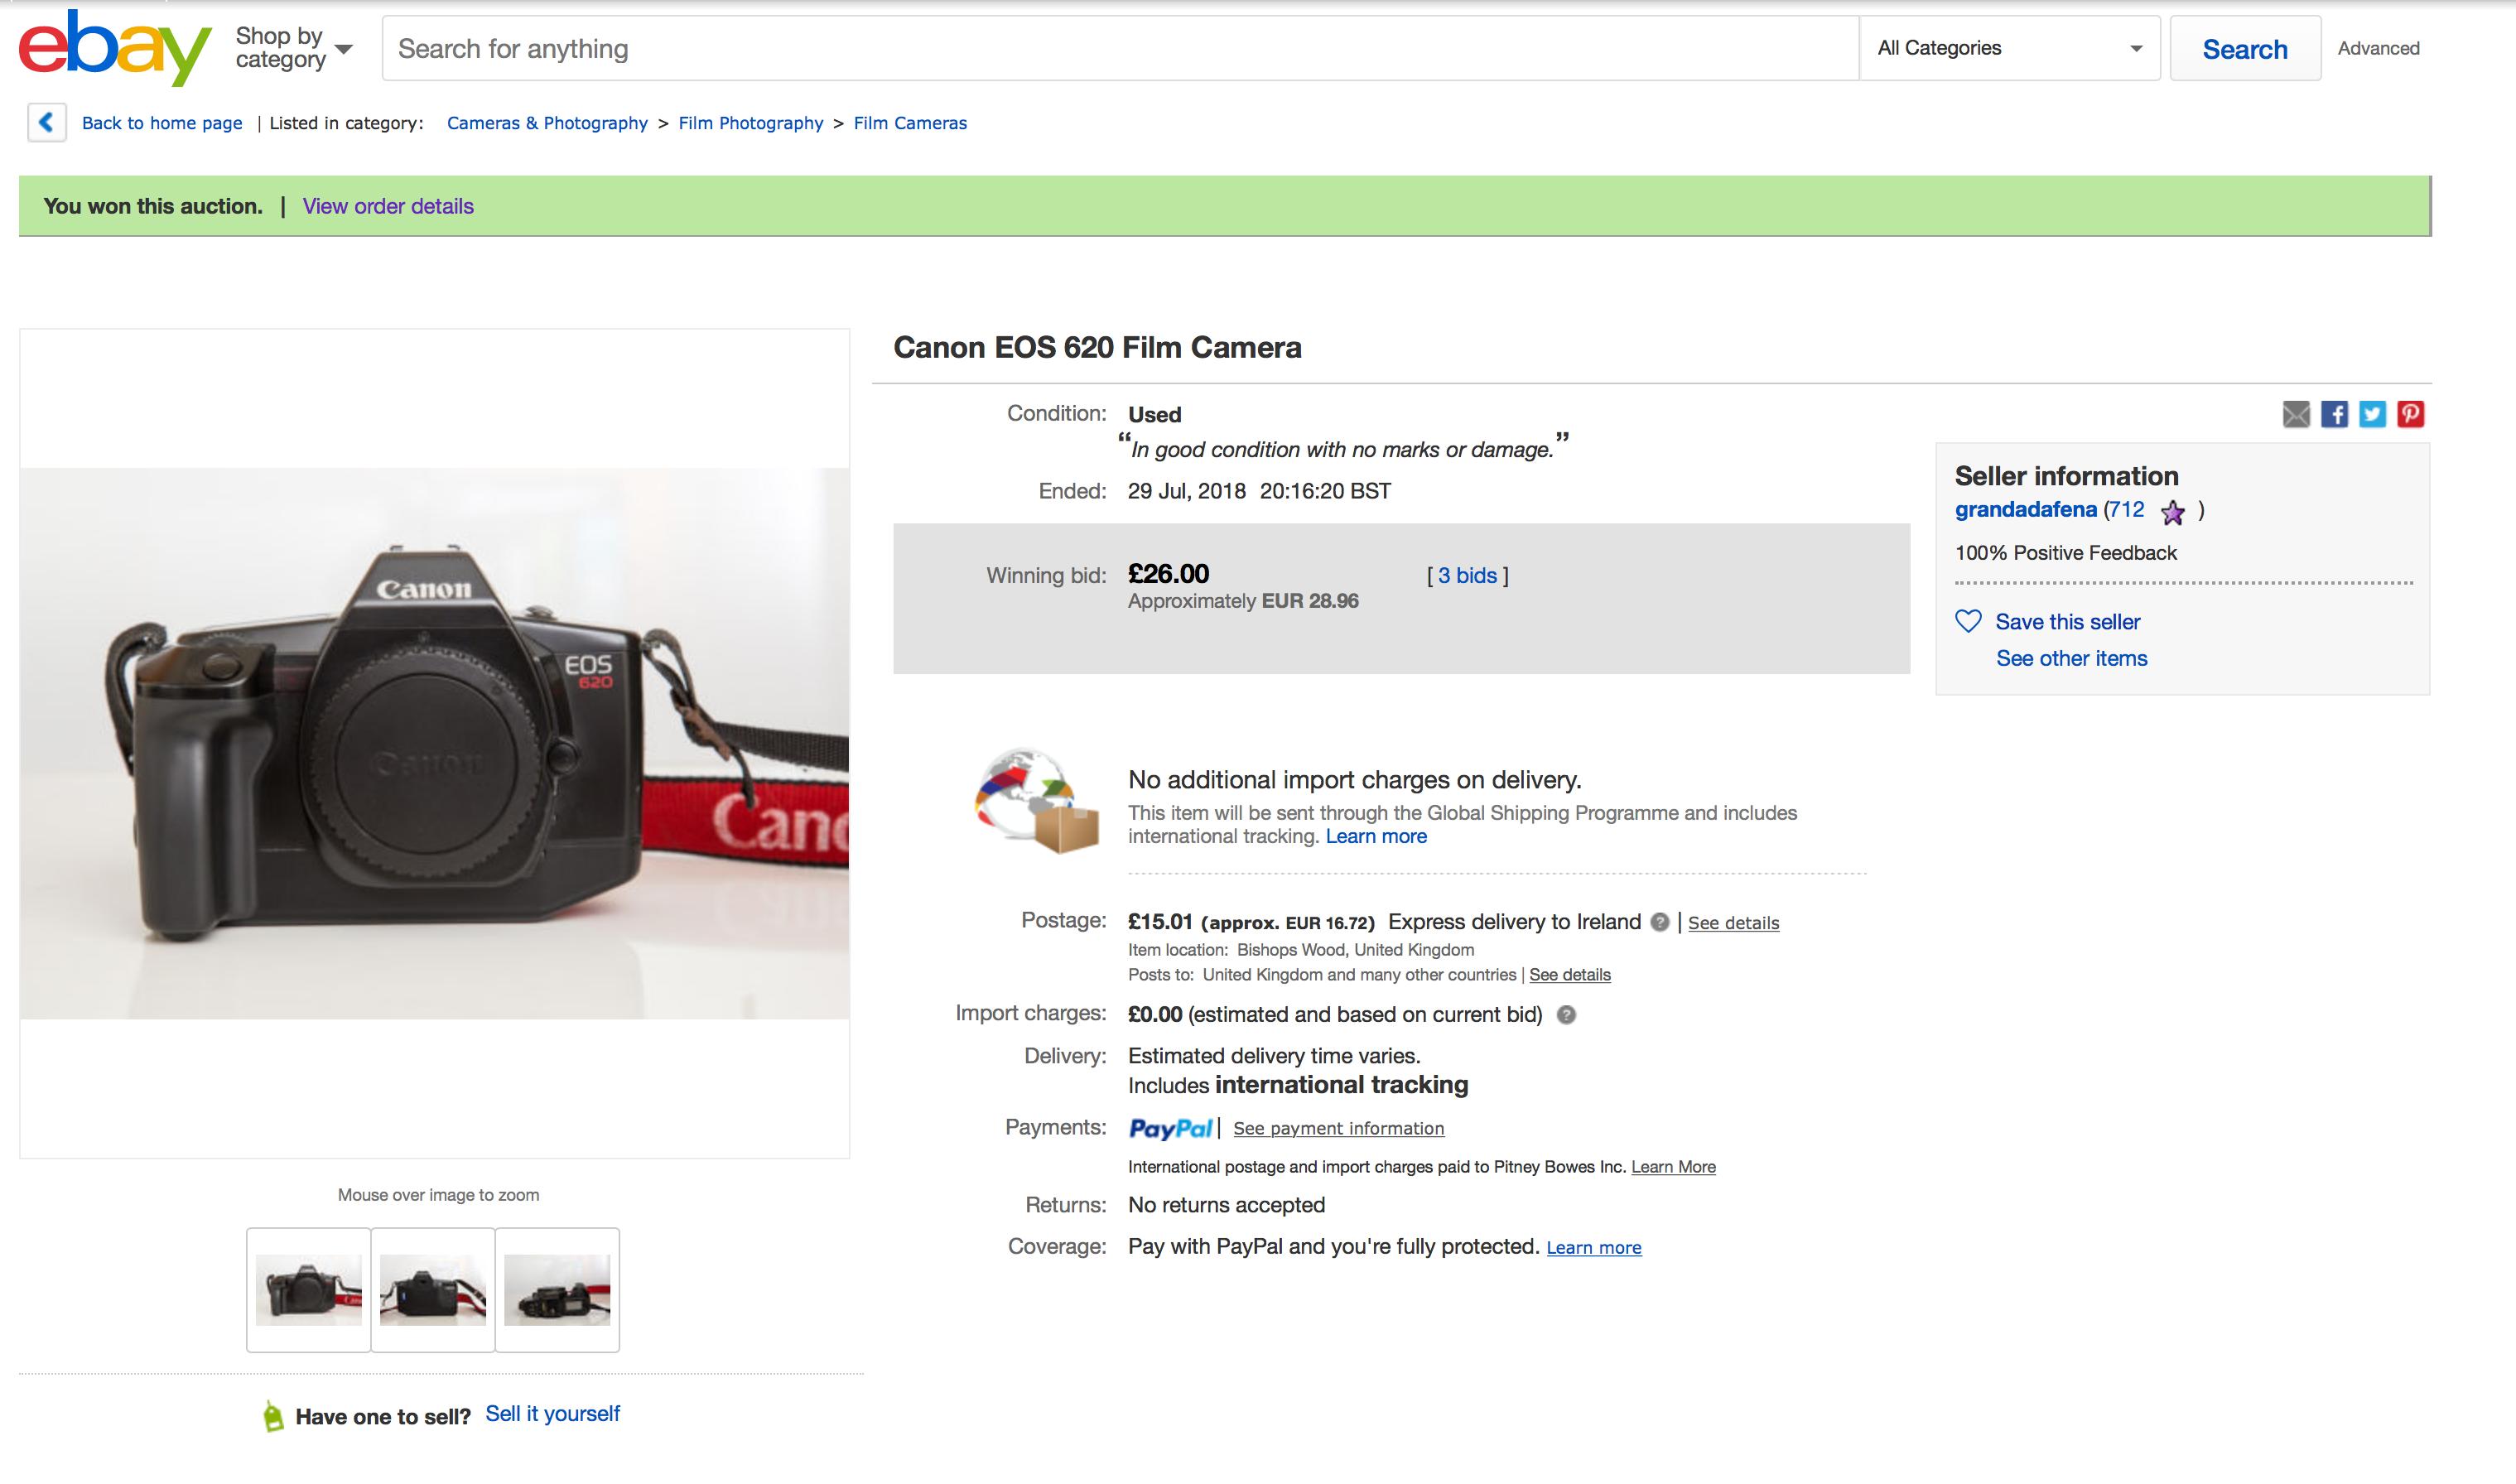 Fotoausrüstung als Geschenk zu kaufen ist eine schreckliche Idee, hier ist was zu tun ist